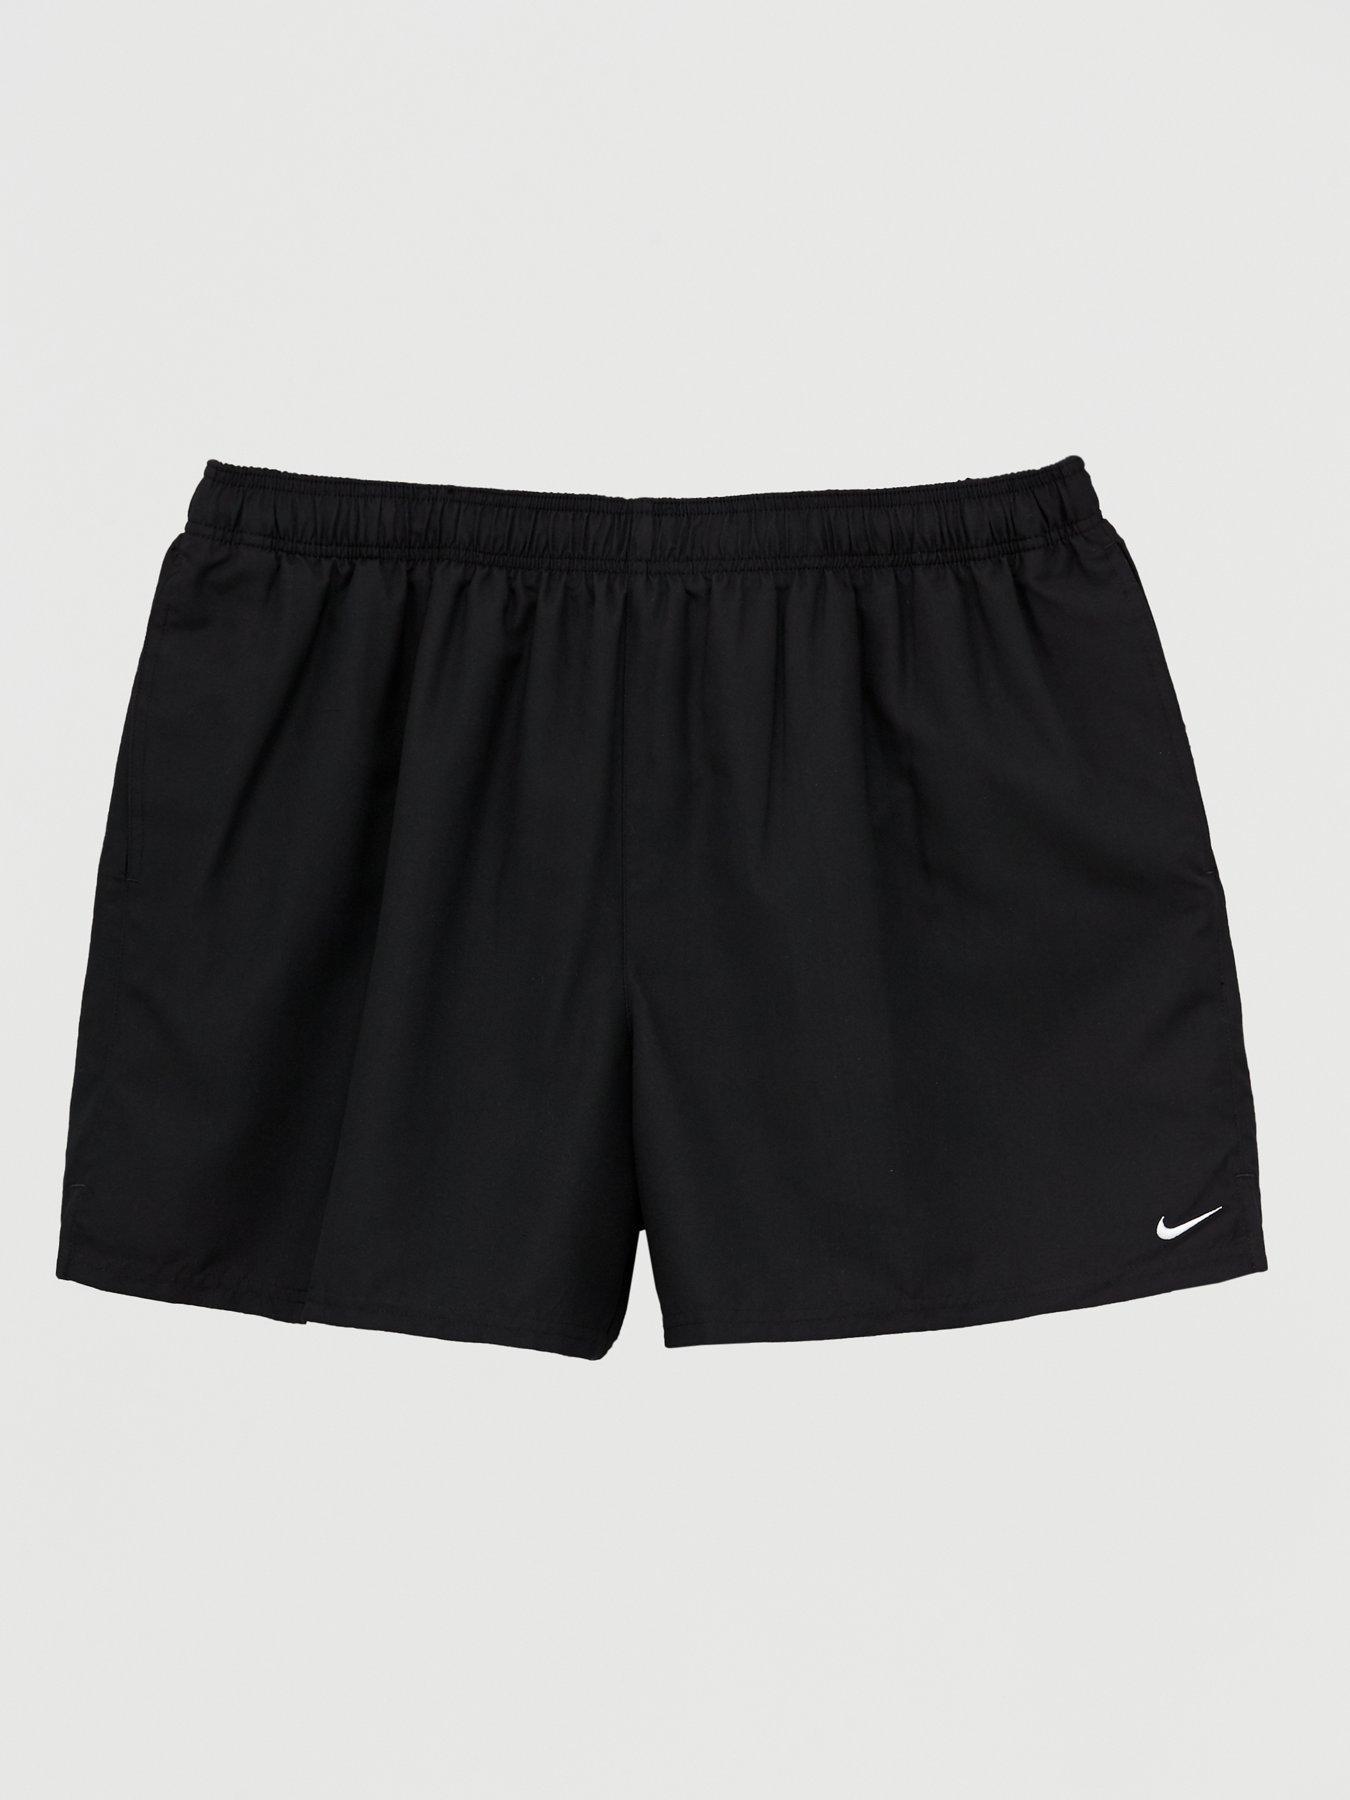 Mens Swim Trunks Breathable Split Happens 100/% Polyester Sports Shorts